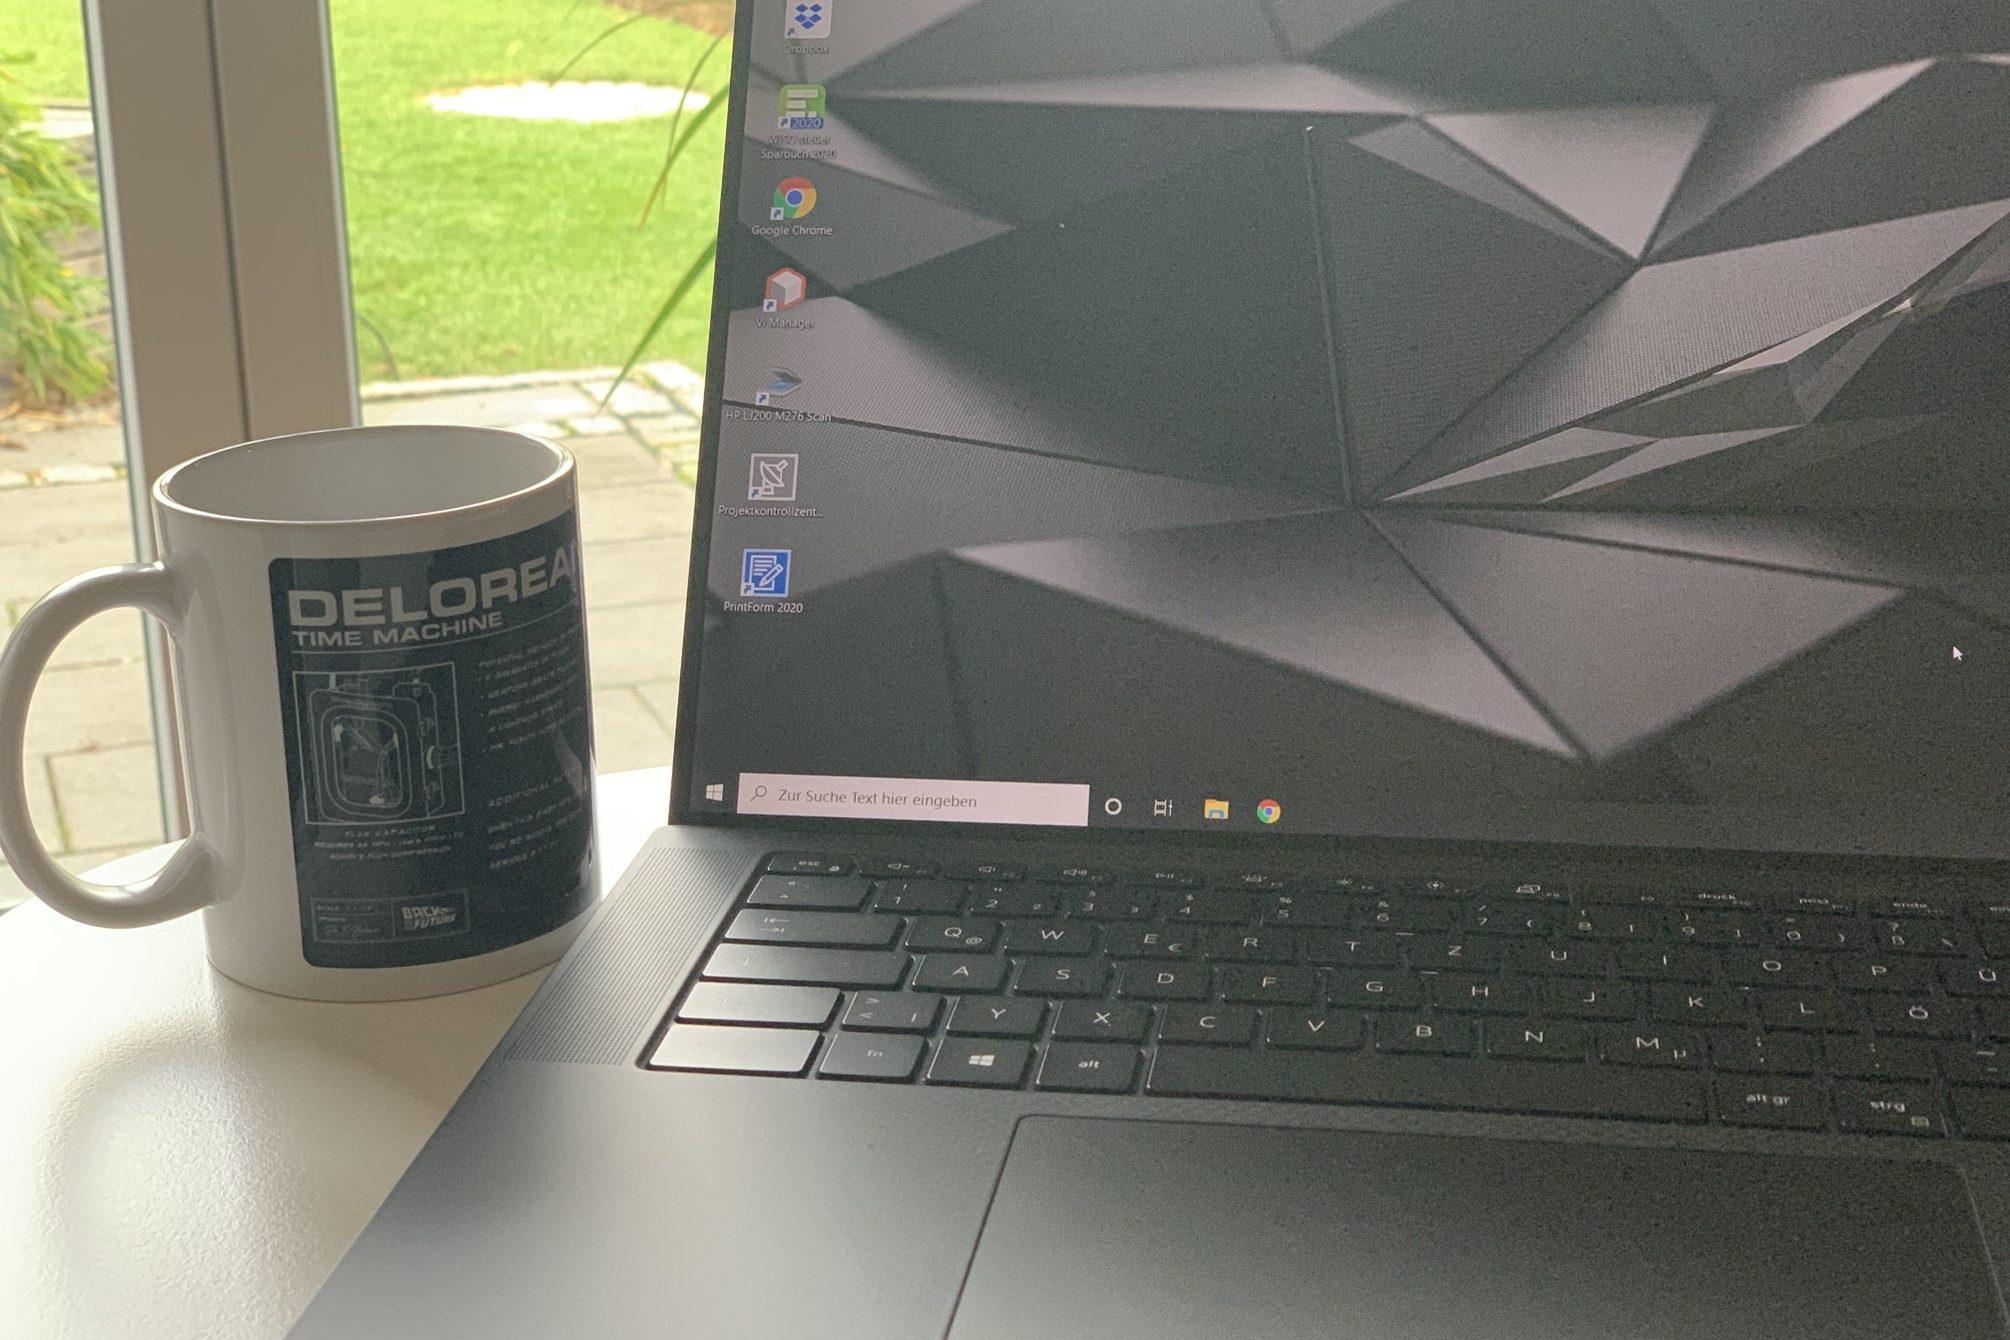 Dell-5550